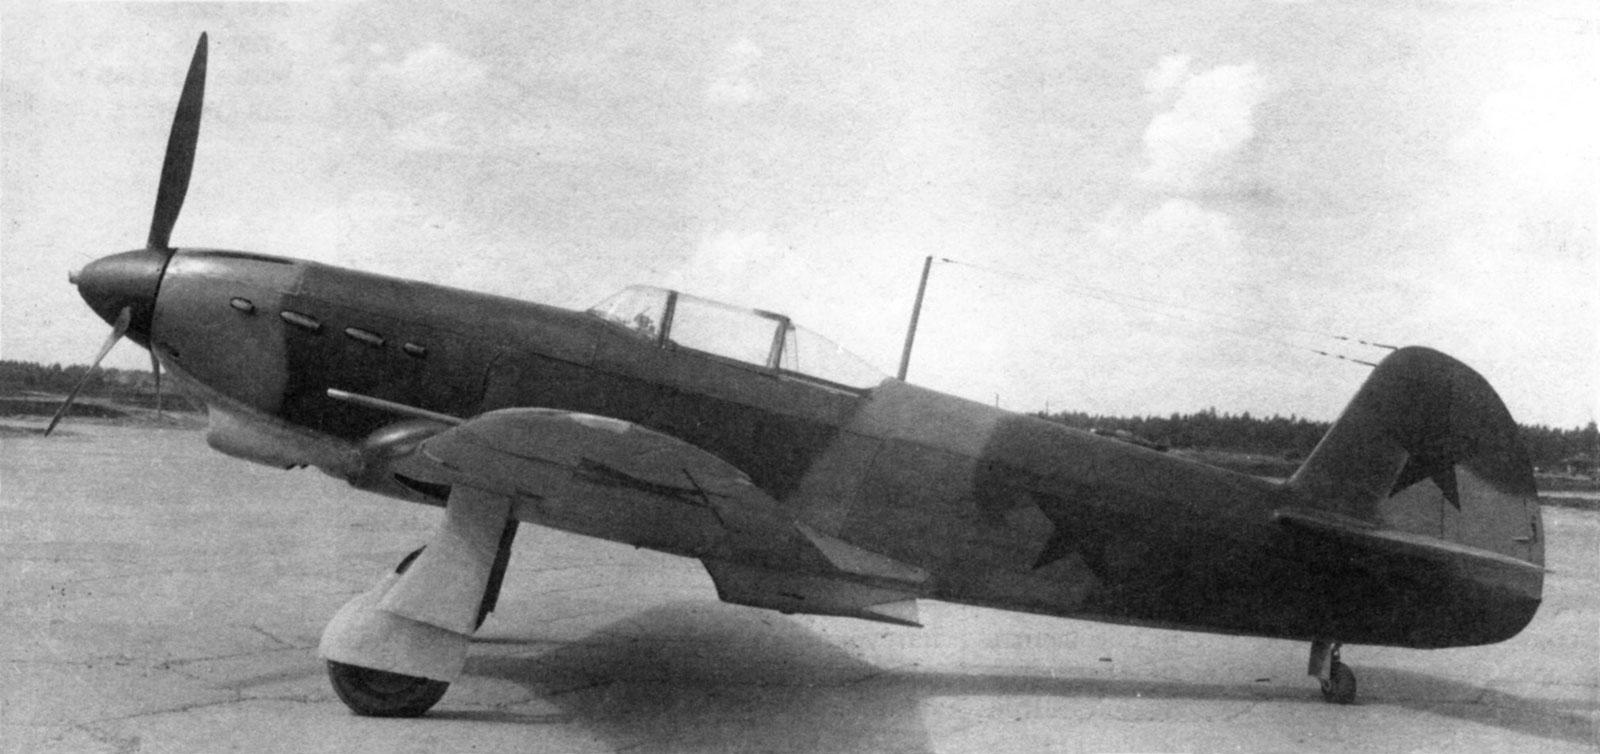 Yak-1-3560-prototype-Yak-1b